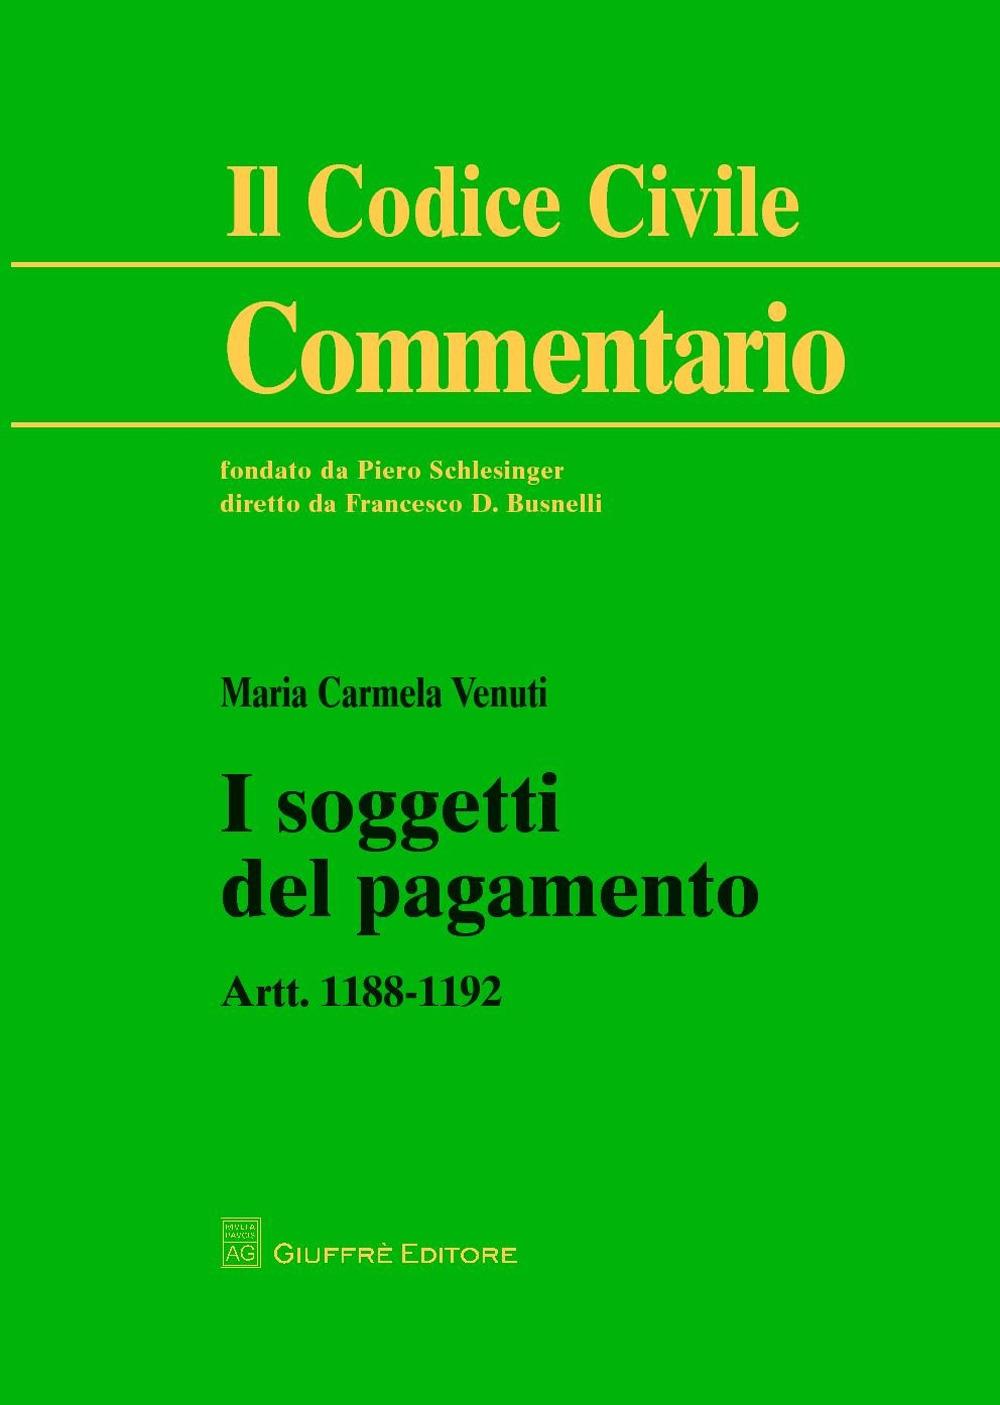 I soggetti del pagamento. Artt. 1188-1192